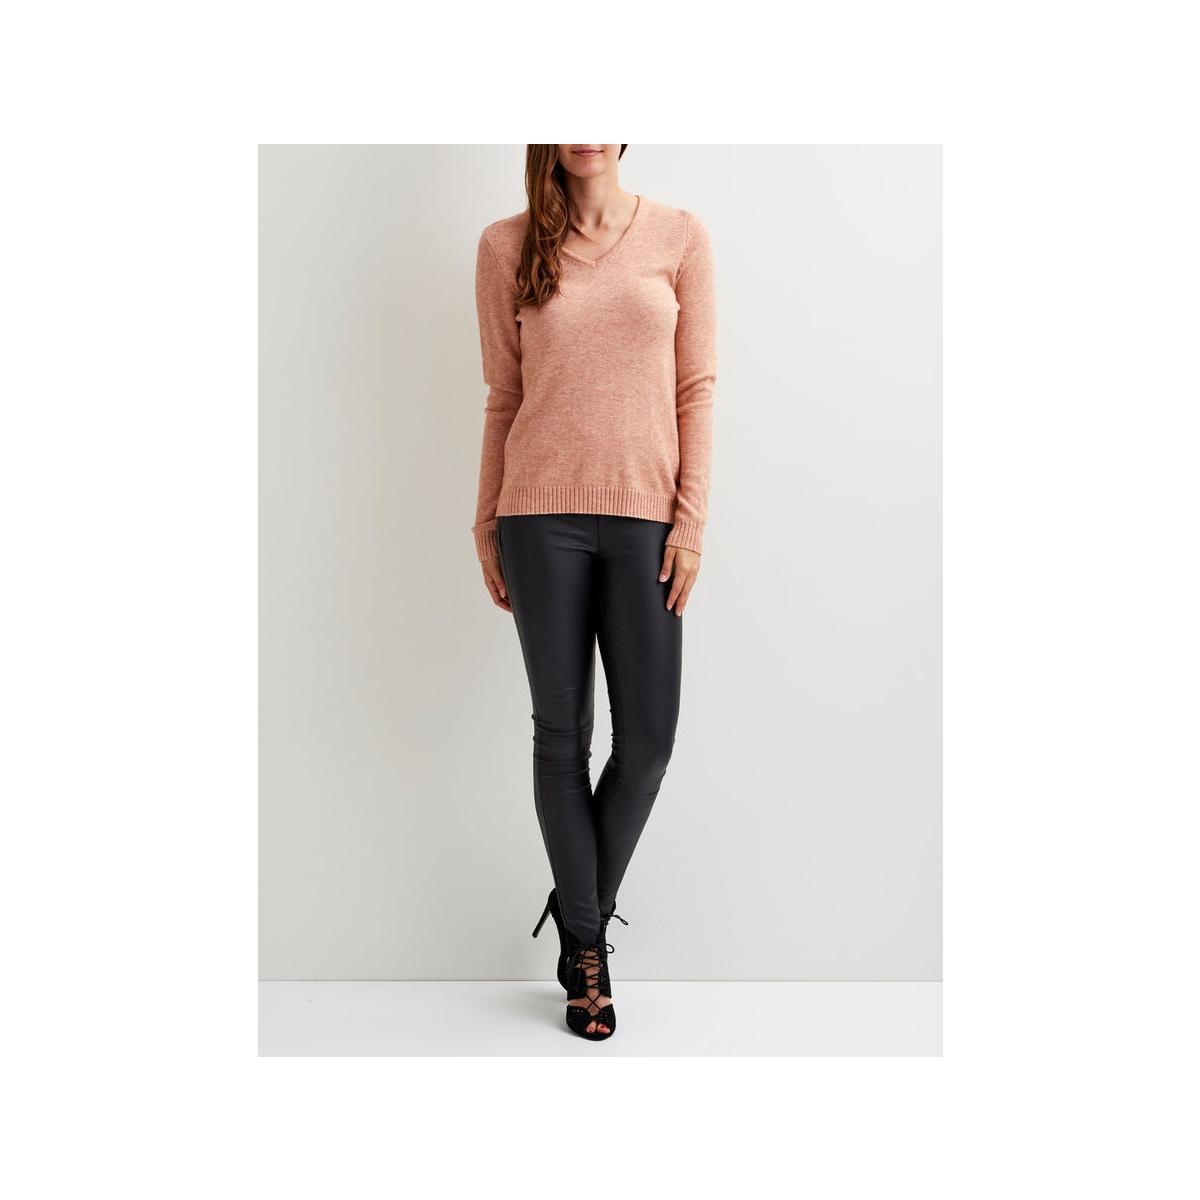 viril l/s v-neck knit top-noos 14042769 vila trui rose dawn/melange